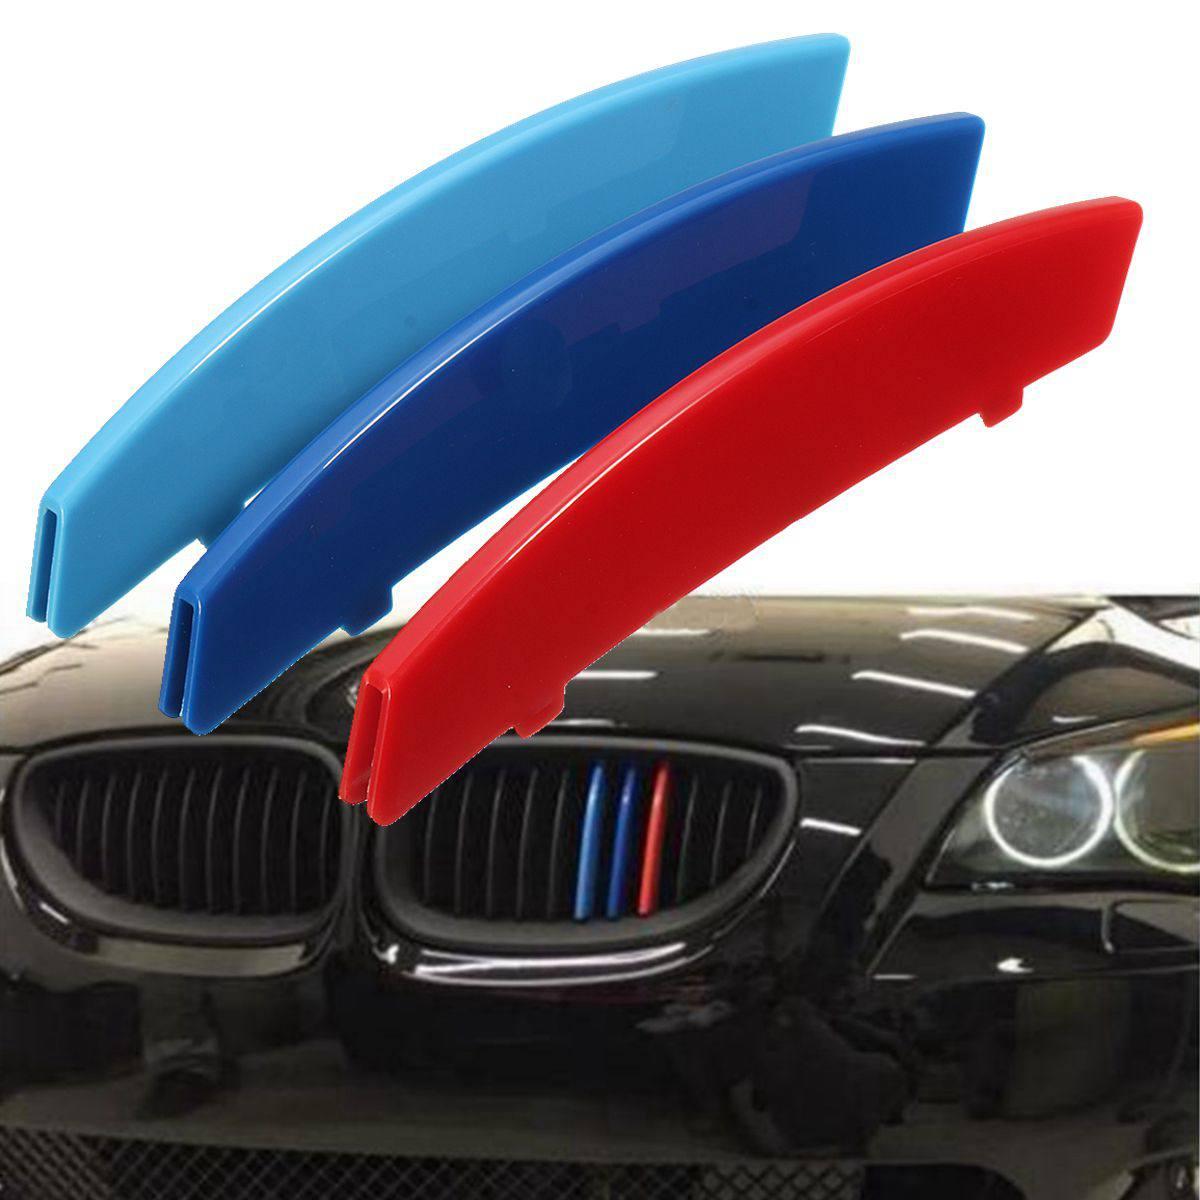 3 قطعة 3D سيارة سباق مصبغة الرياضة شريط كليب ABS ملصق لاصق لامع ورائع ل BMW 3 سلسلة F30 F31 F35 E90 5 سلسلة F10 F18 E60 X5 X6 E70